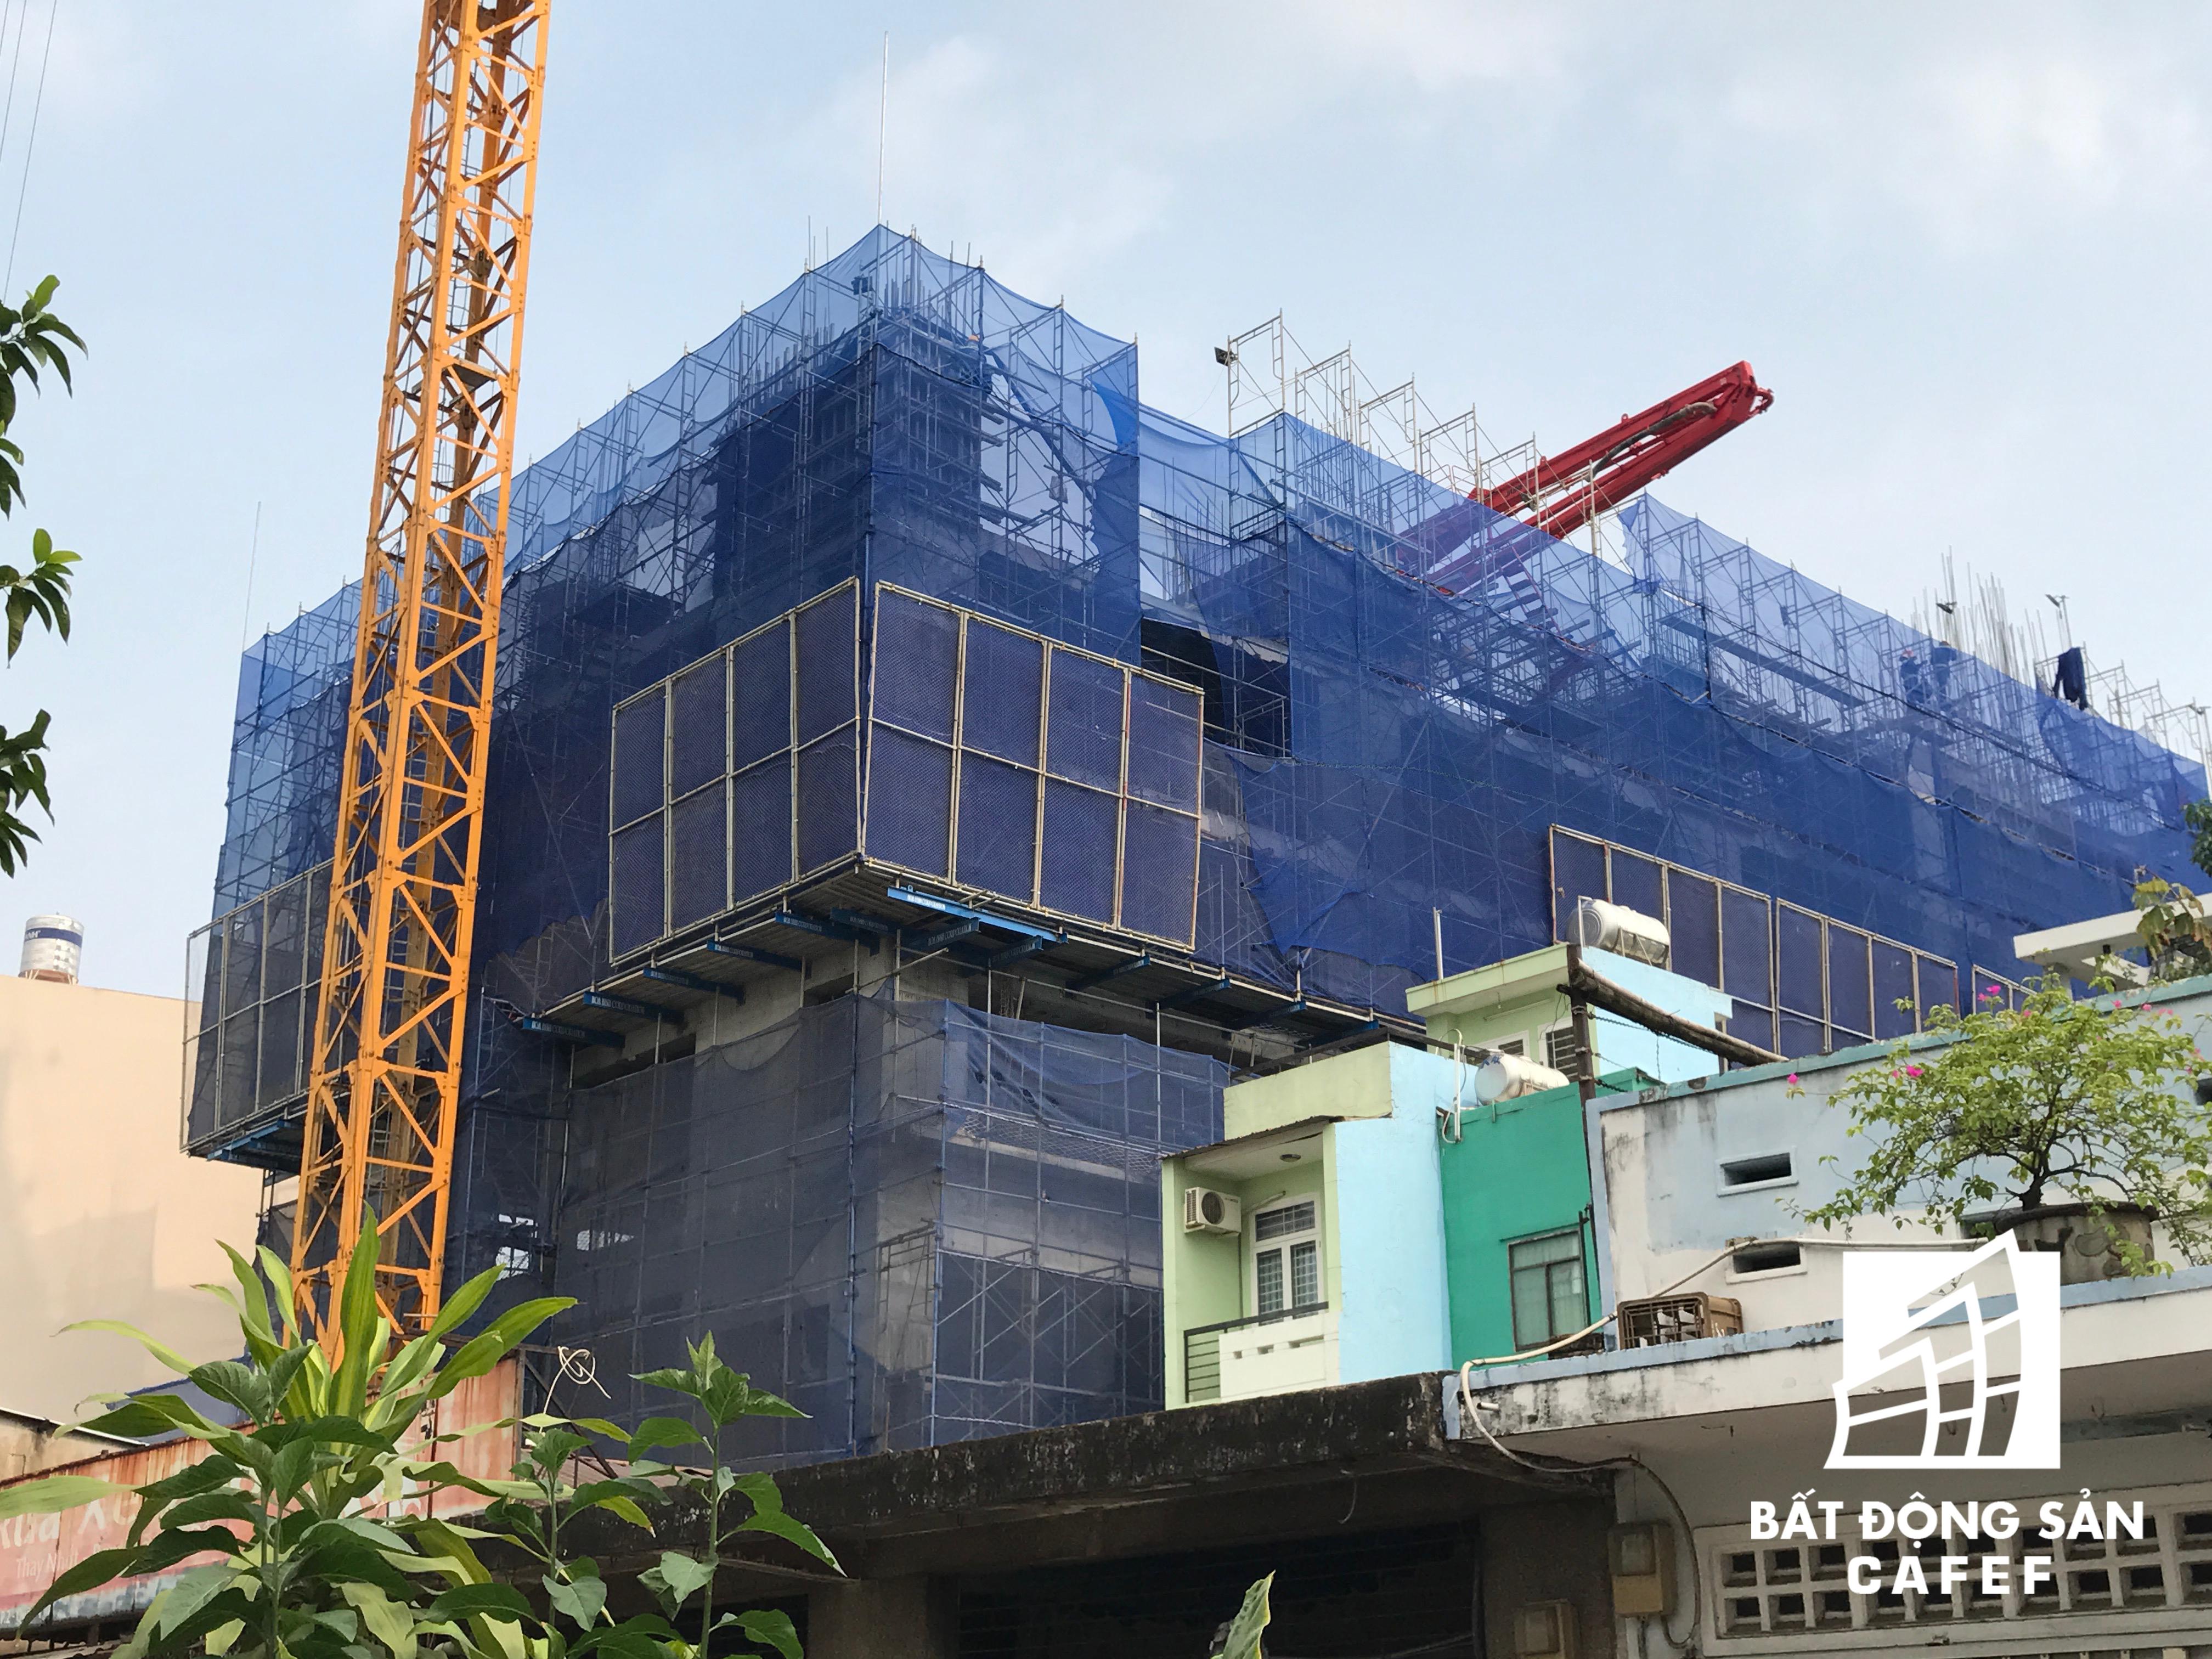 Nằm cách đó không bao xa, Công ty Hồng Hà và Công ty Tiến Phát cũng hợp tác đầu tư dự án Grand Riverside ở Bến Vân Đồn cao 22 tầng với 240 căn hộ. Sắp tới, riêng Công ty Tiến Phát sẽ tiếp tục ra mắt thị trường hai dự án cao cấp khác trên cung đường này. Dự kiến Grand Riverside sẽ bàn giao nhà cho khách hàng trong năm 2017.